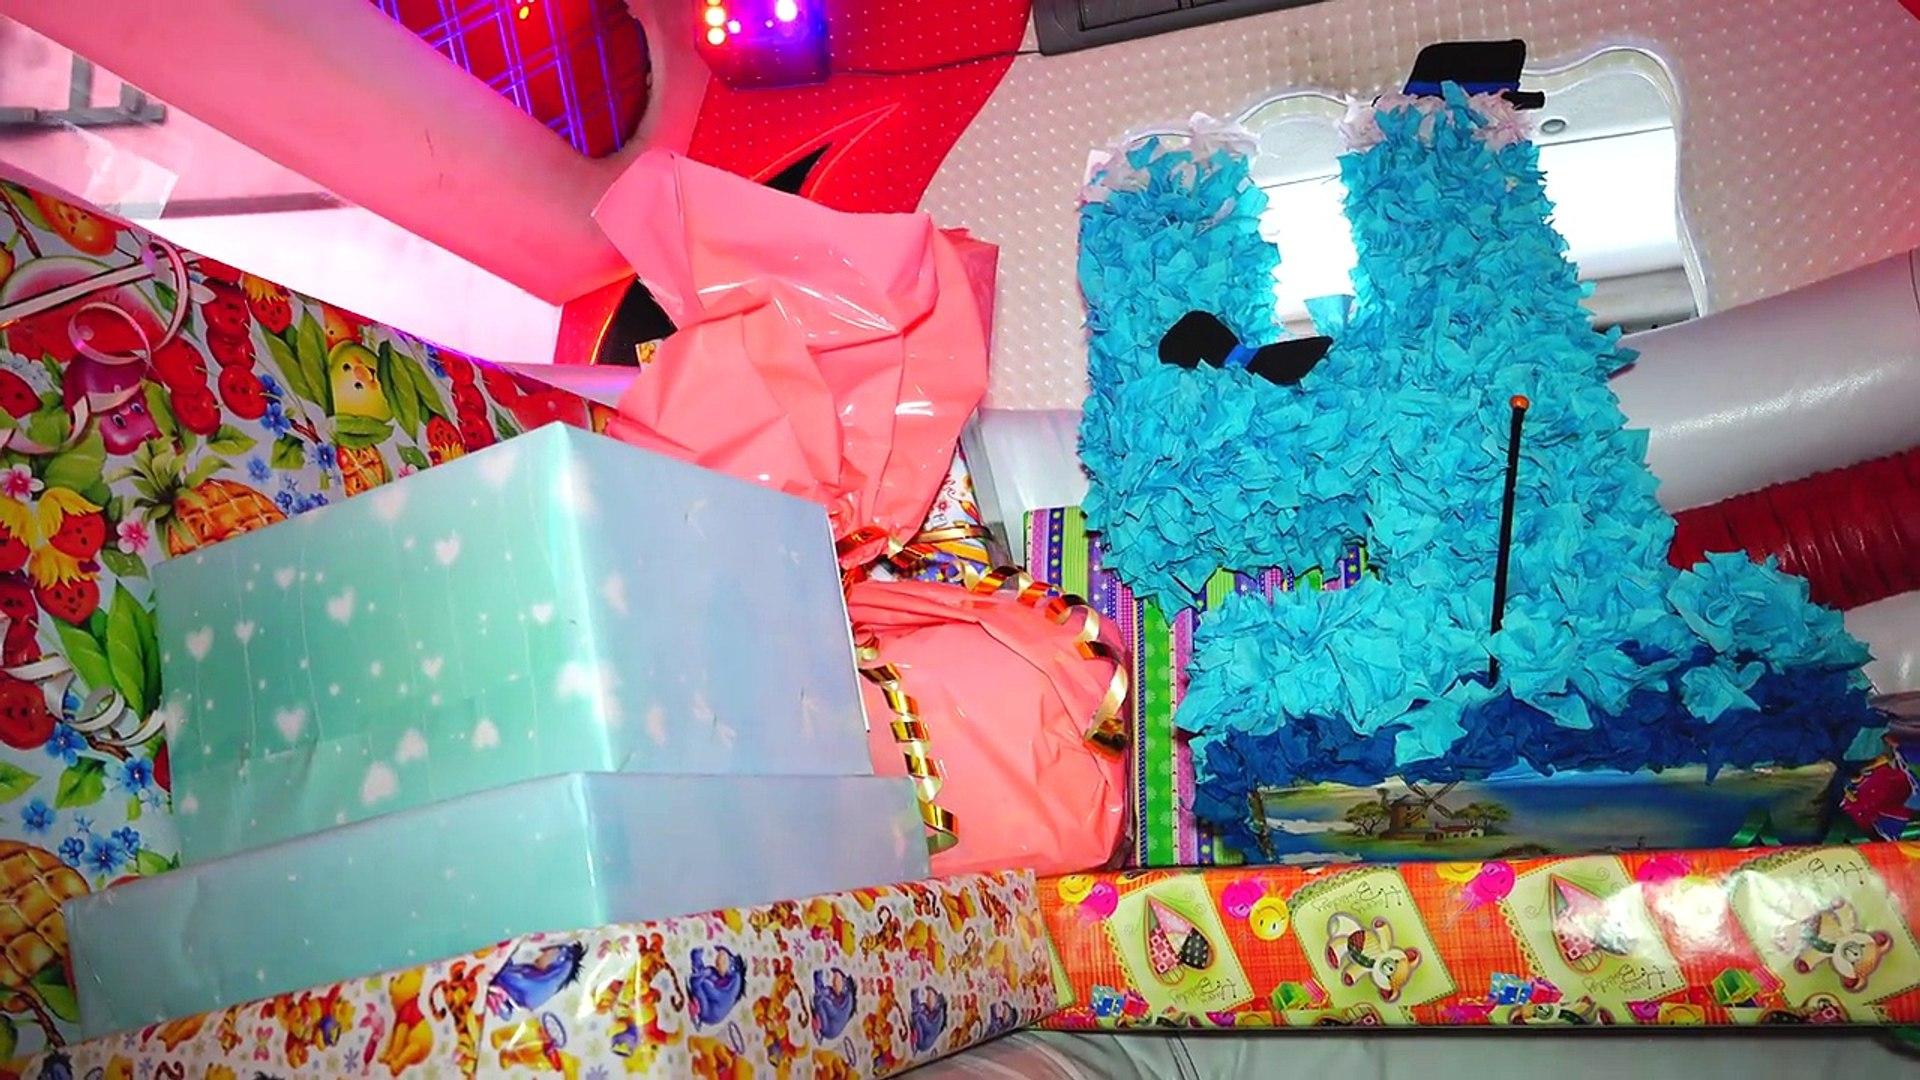 День Рождения Даньки 4 года. Лимузин Hummer H2 Распаковка подарков OPENING BIRTHDAY PRESENTS